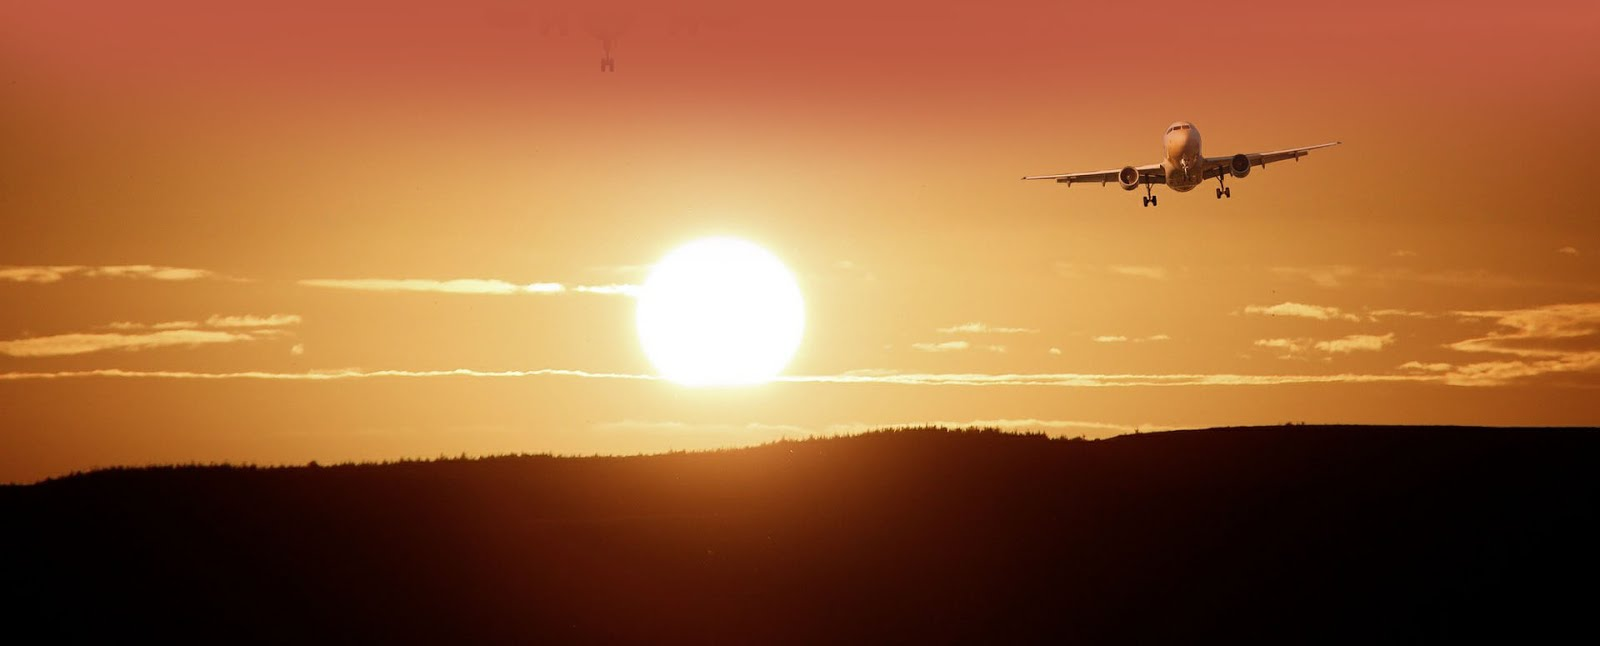 Tragis! Anak Ini Tergeletak dalam Pesawat Menuju ke Pekanbaru